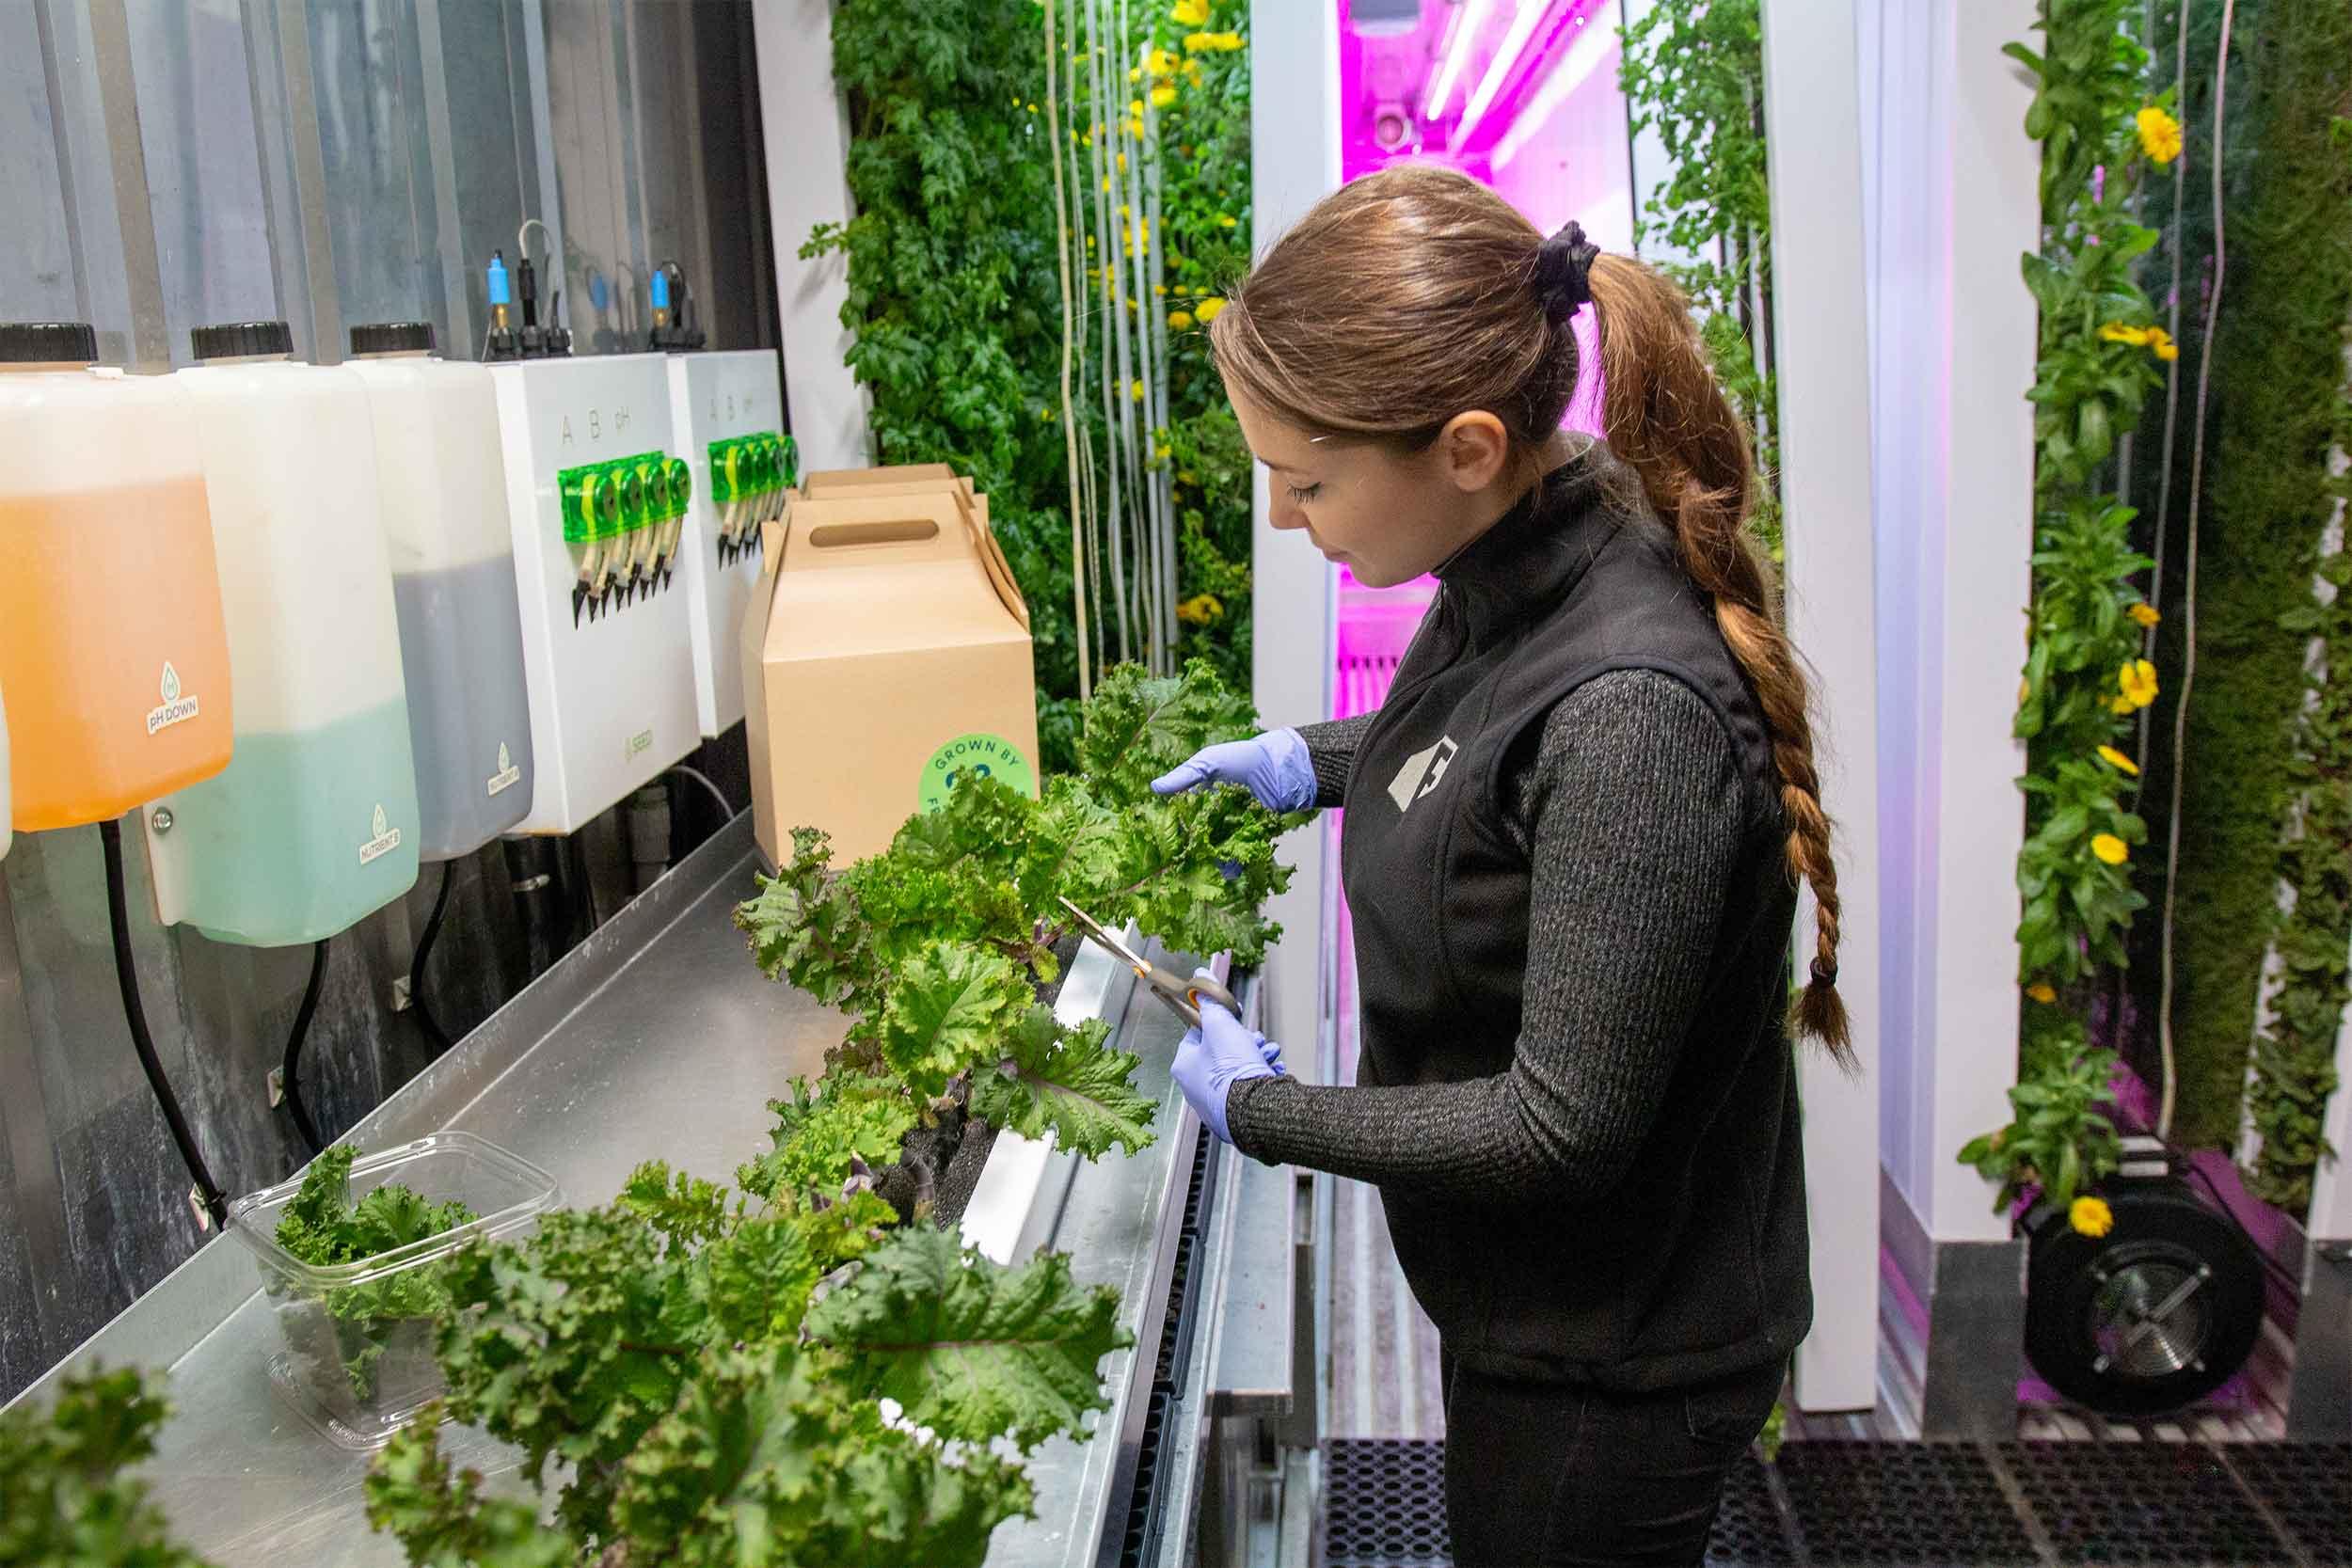 WeWork's farmer, Francesca, harvests kale for upcoming WeWork delivery.